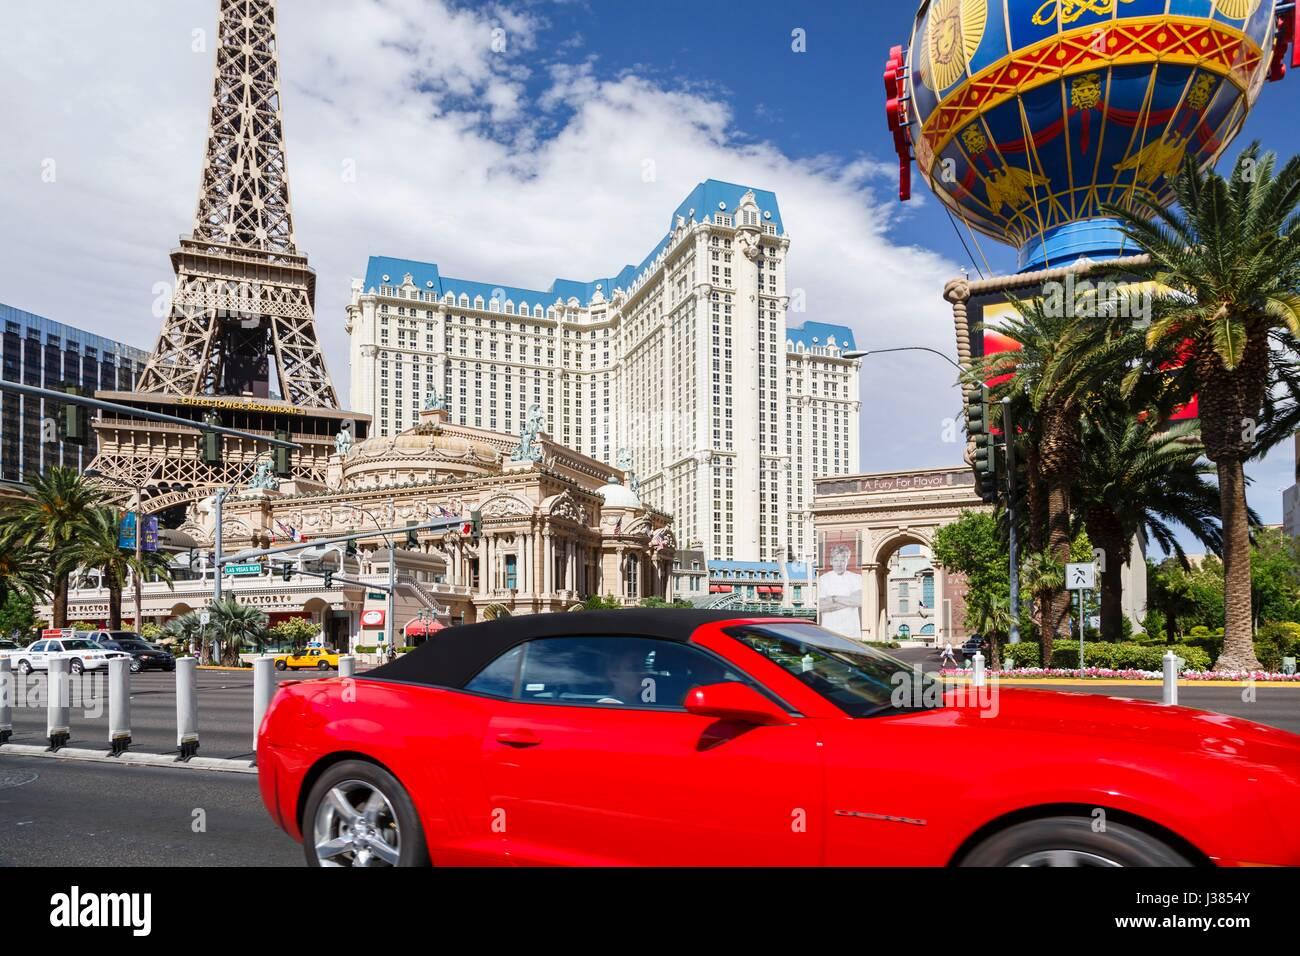 Ein roten Cabrio Mietwagen fährt von Paris Las Vegas Hotel am Las Vegas Boulevard Stockbild